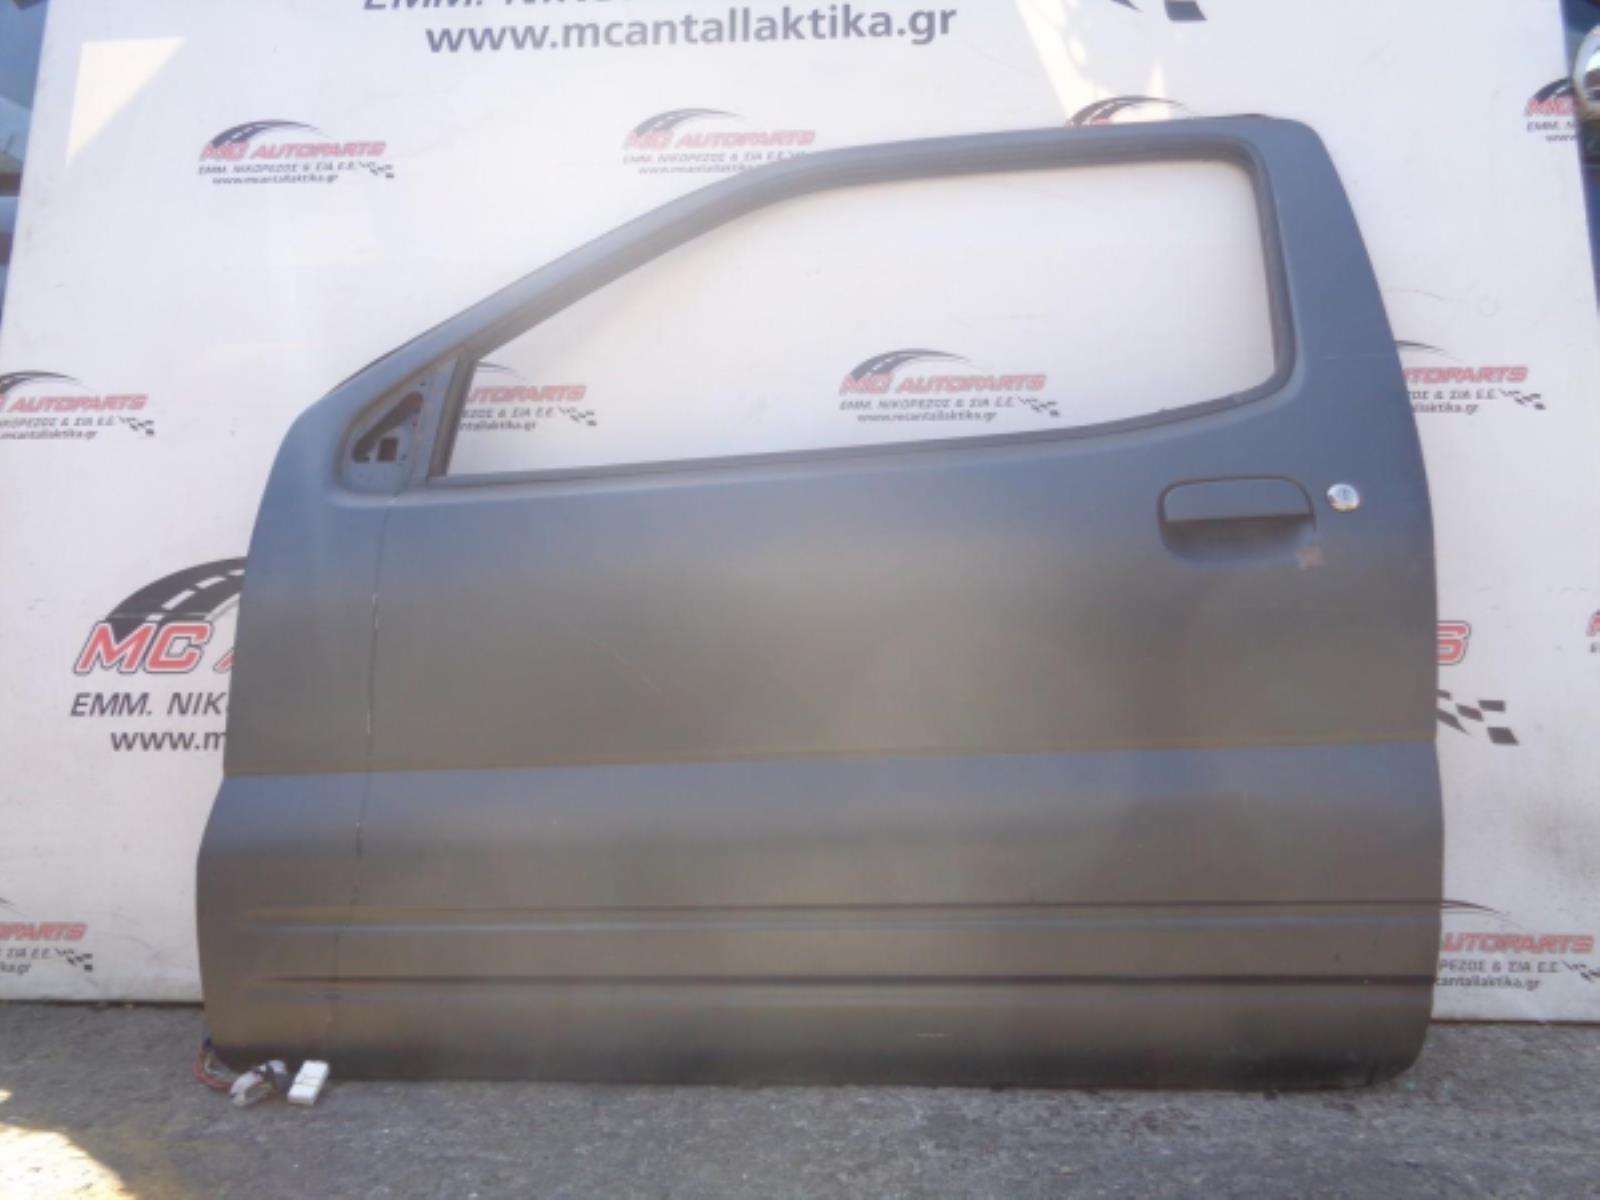 Picture of Πόρτα  Εμπρός Αριστερή  SUZUKI IGNIS (1999-2002)     SPORT, 2π